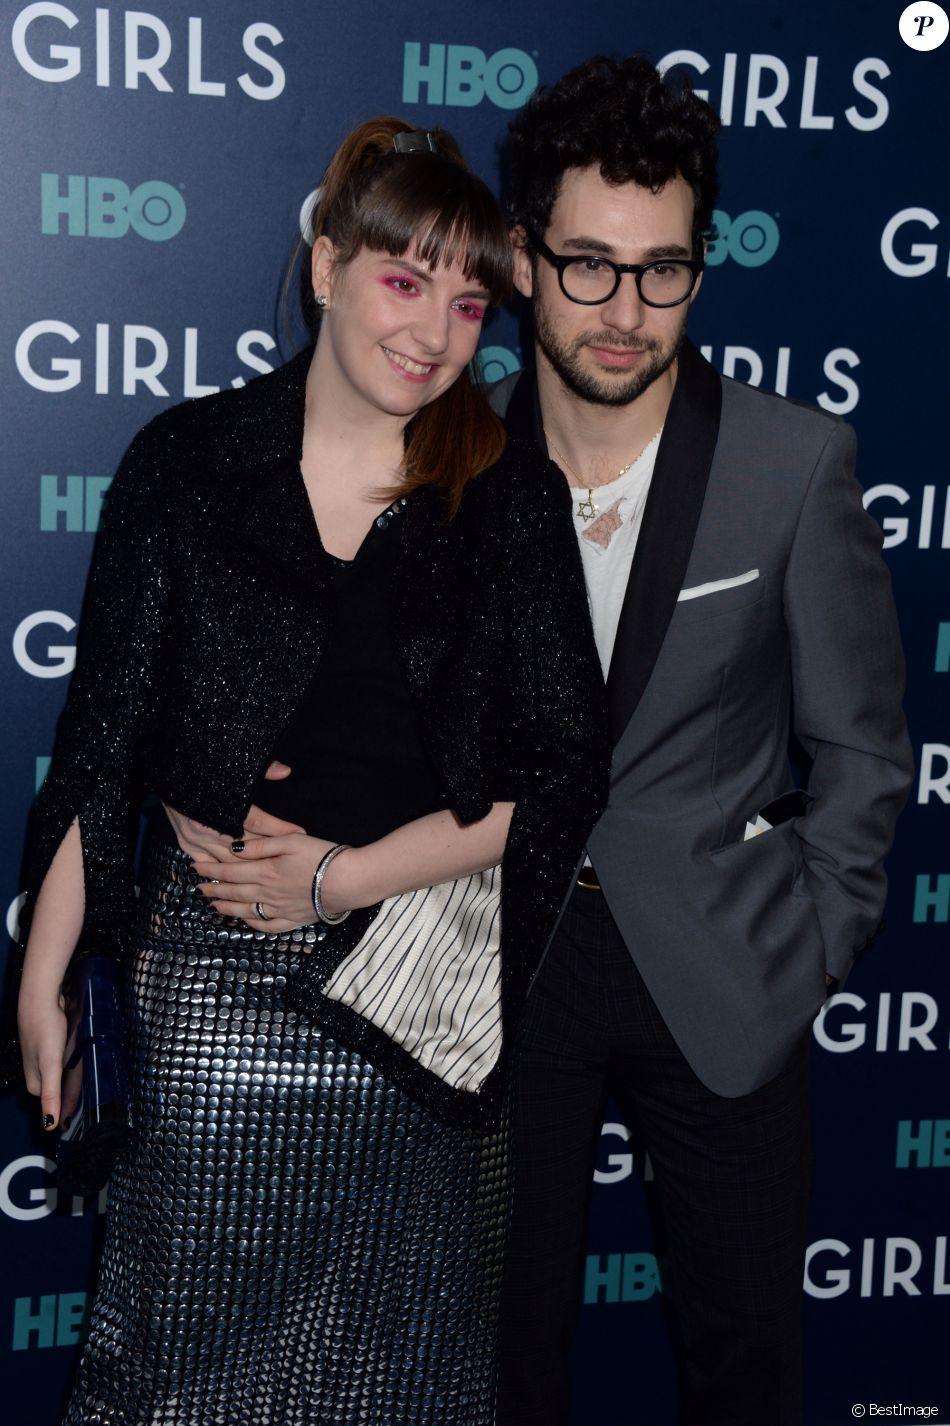 Lena Dunham et son compagnon Jack Antonoff lors de la première de la 6ème et dernière saison de ''Girls'' au Alice Tully Hall, Lincoln Center à New York, le 2 février 2017.